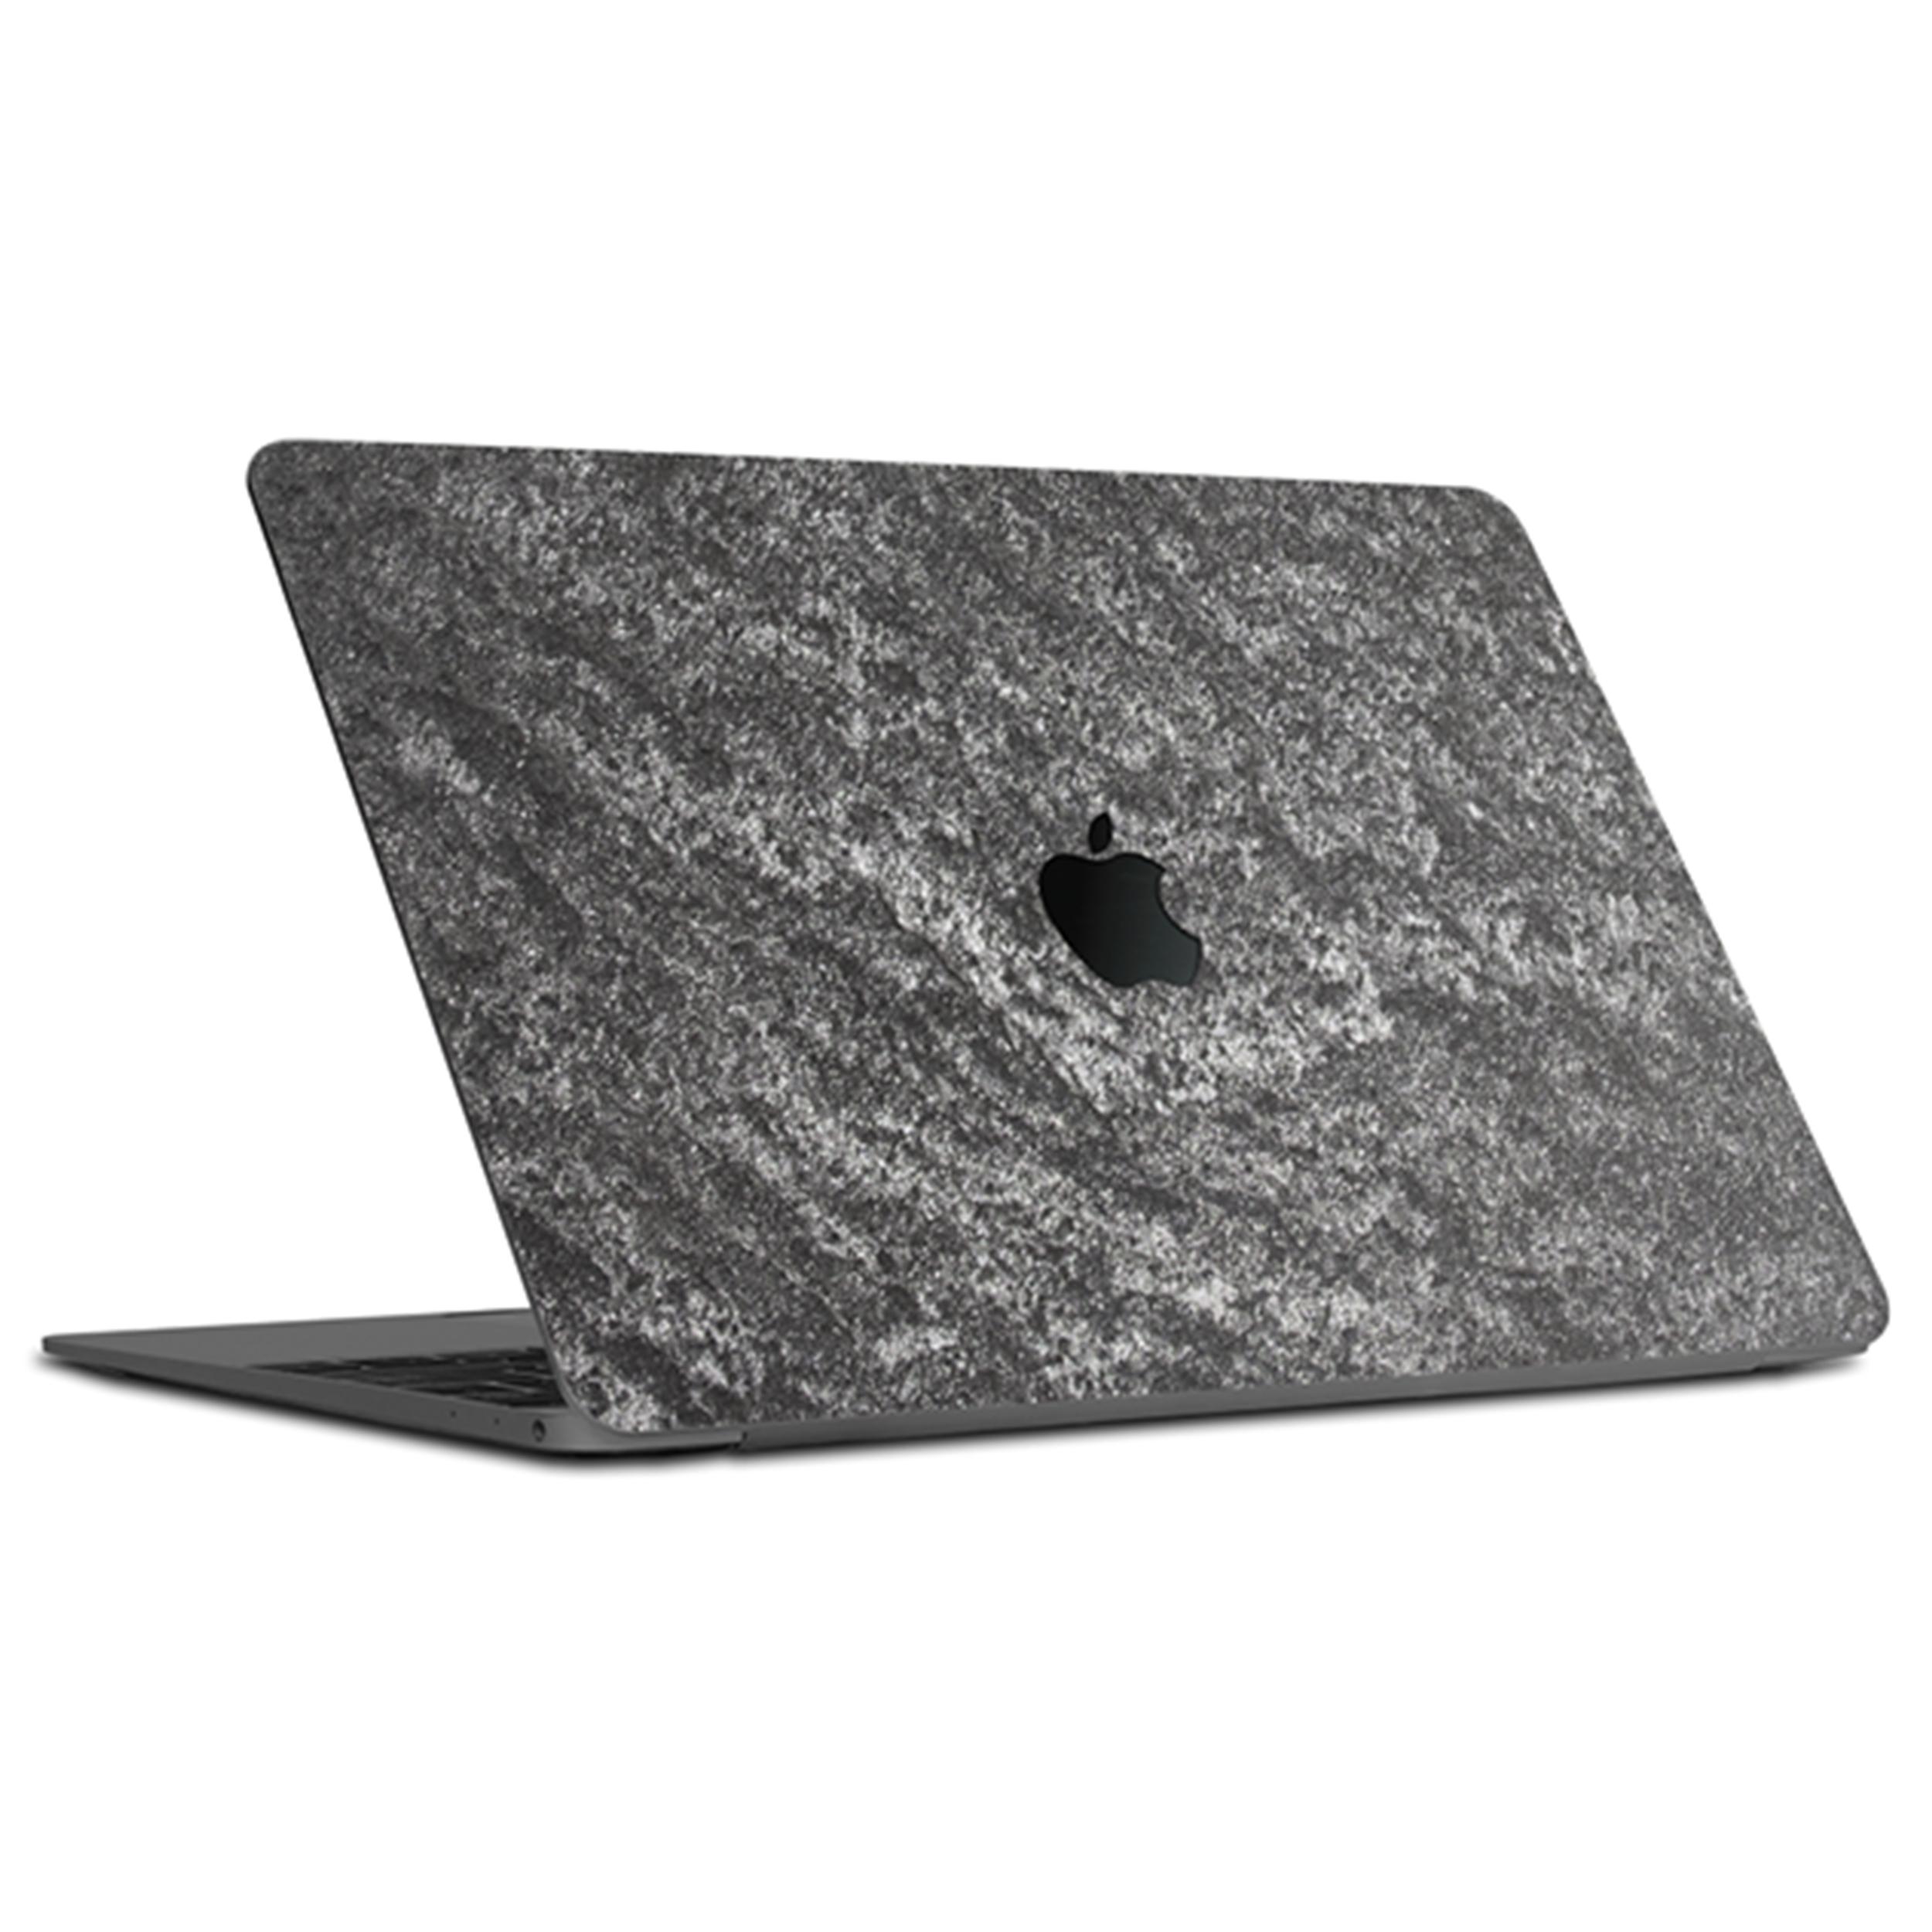 کاور راکسلین مدل Steel Grey مناسب برای مک بوک پرو 15 اینچی